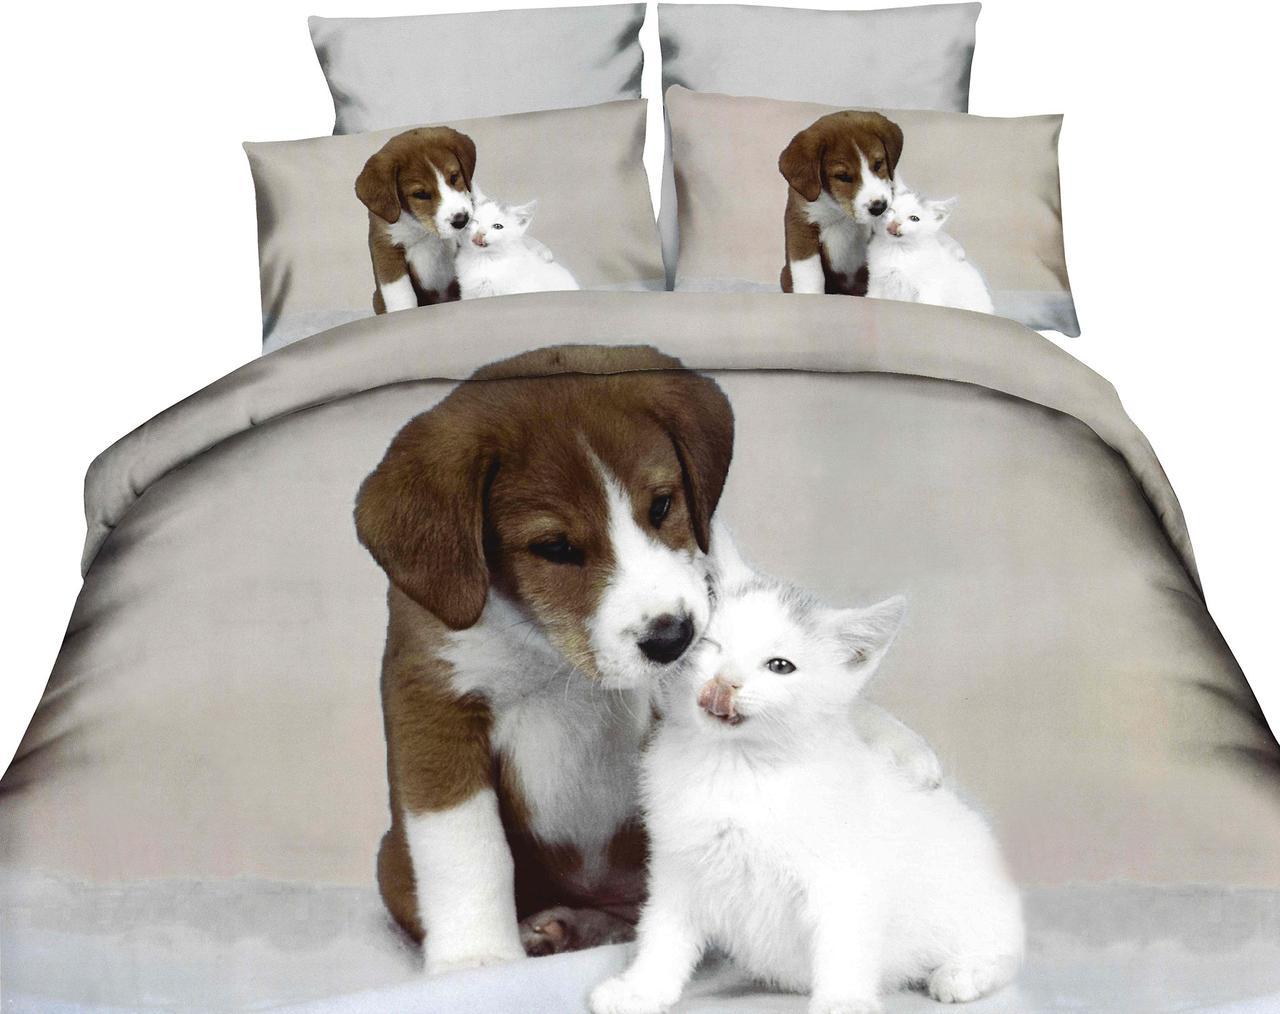 Комплект постельного белья Микроволокно HXDD-585 M&M 9157 Коричневый, Серый